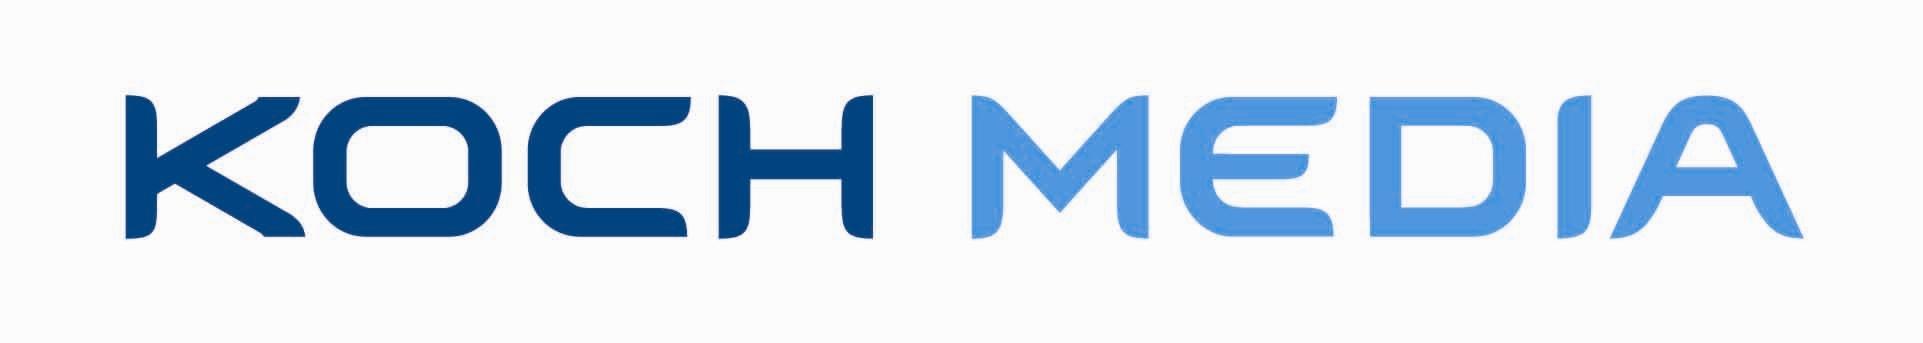 Koch Media Koch Media begrüßt die neuen Marken